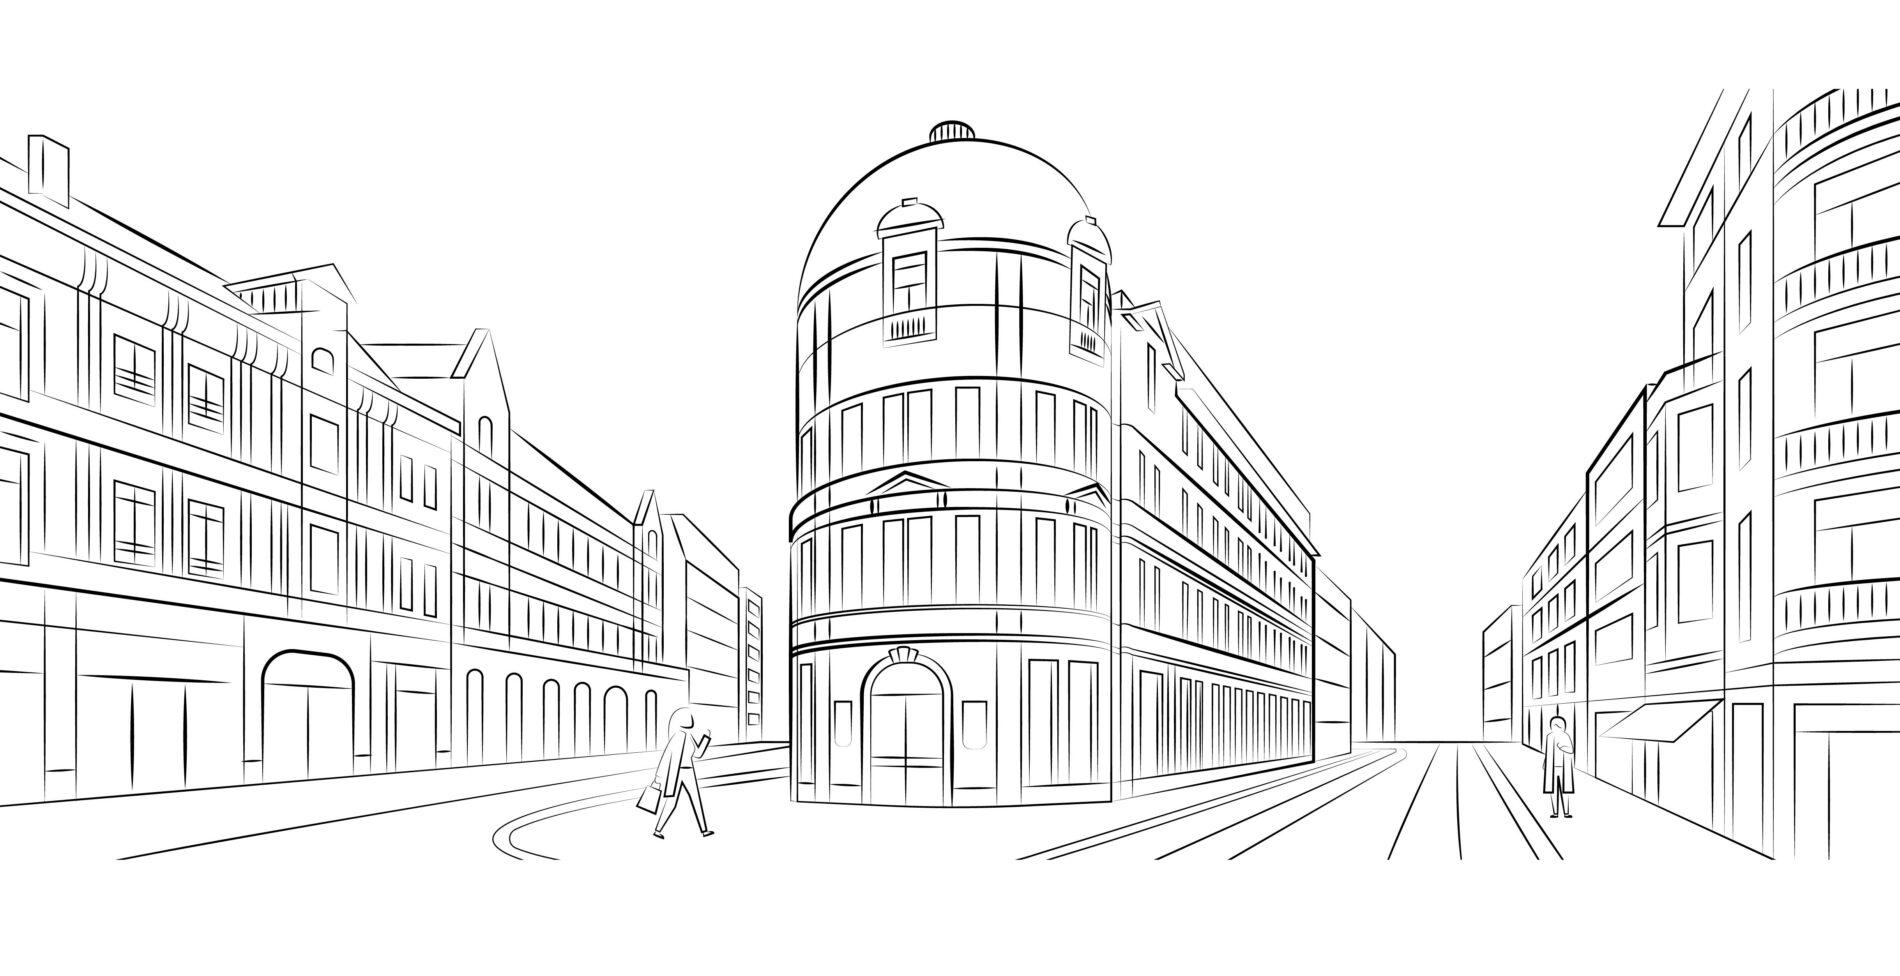 Lijntekening van modekwartier in Antwerpen